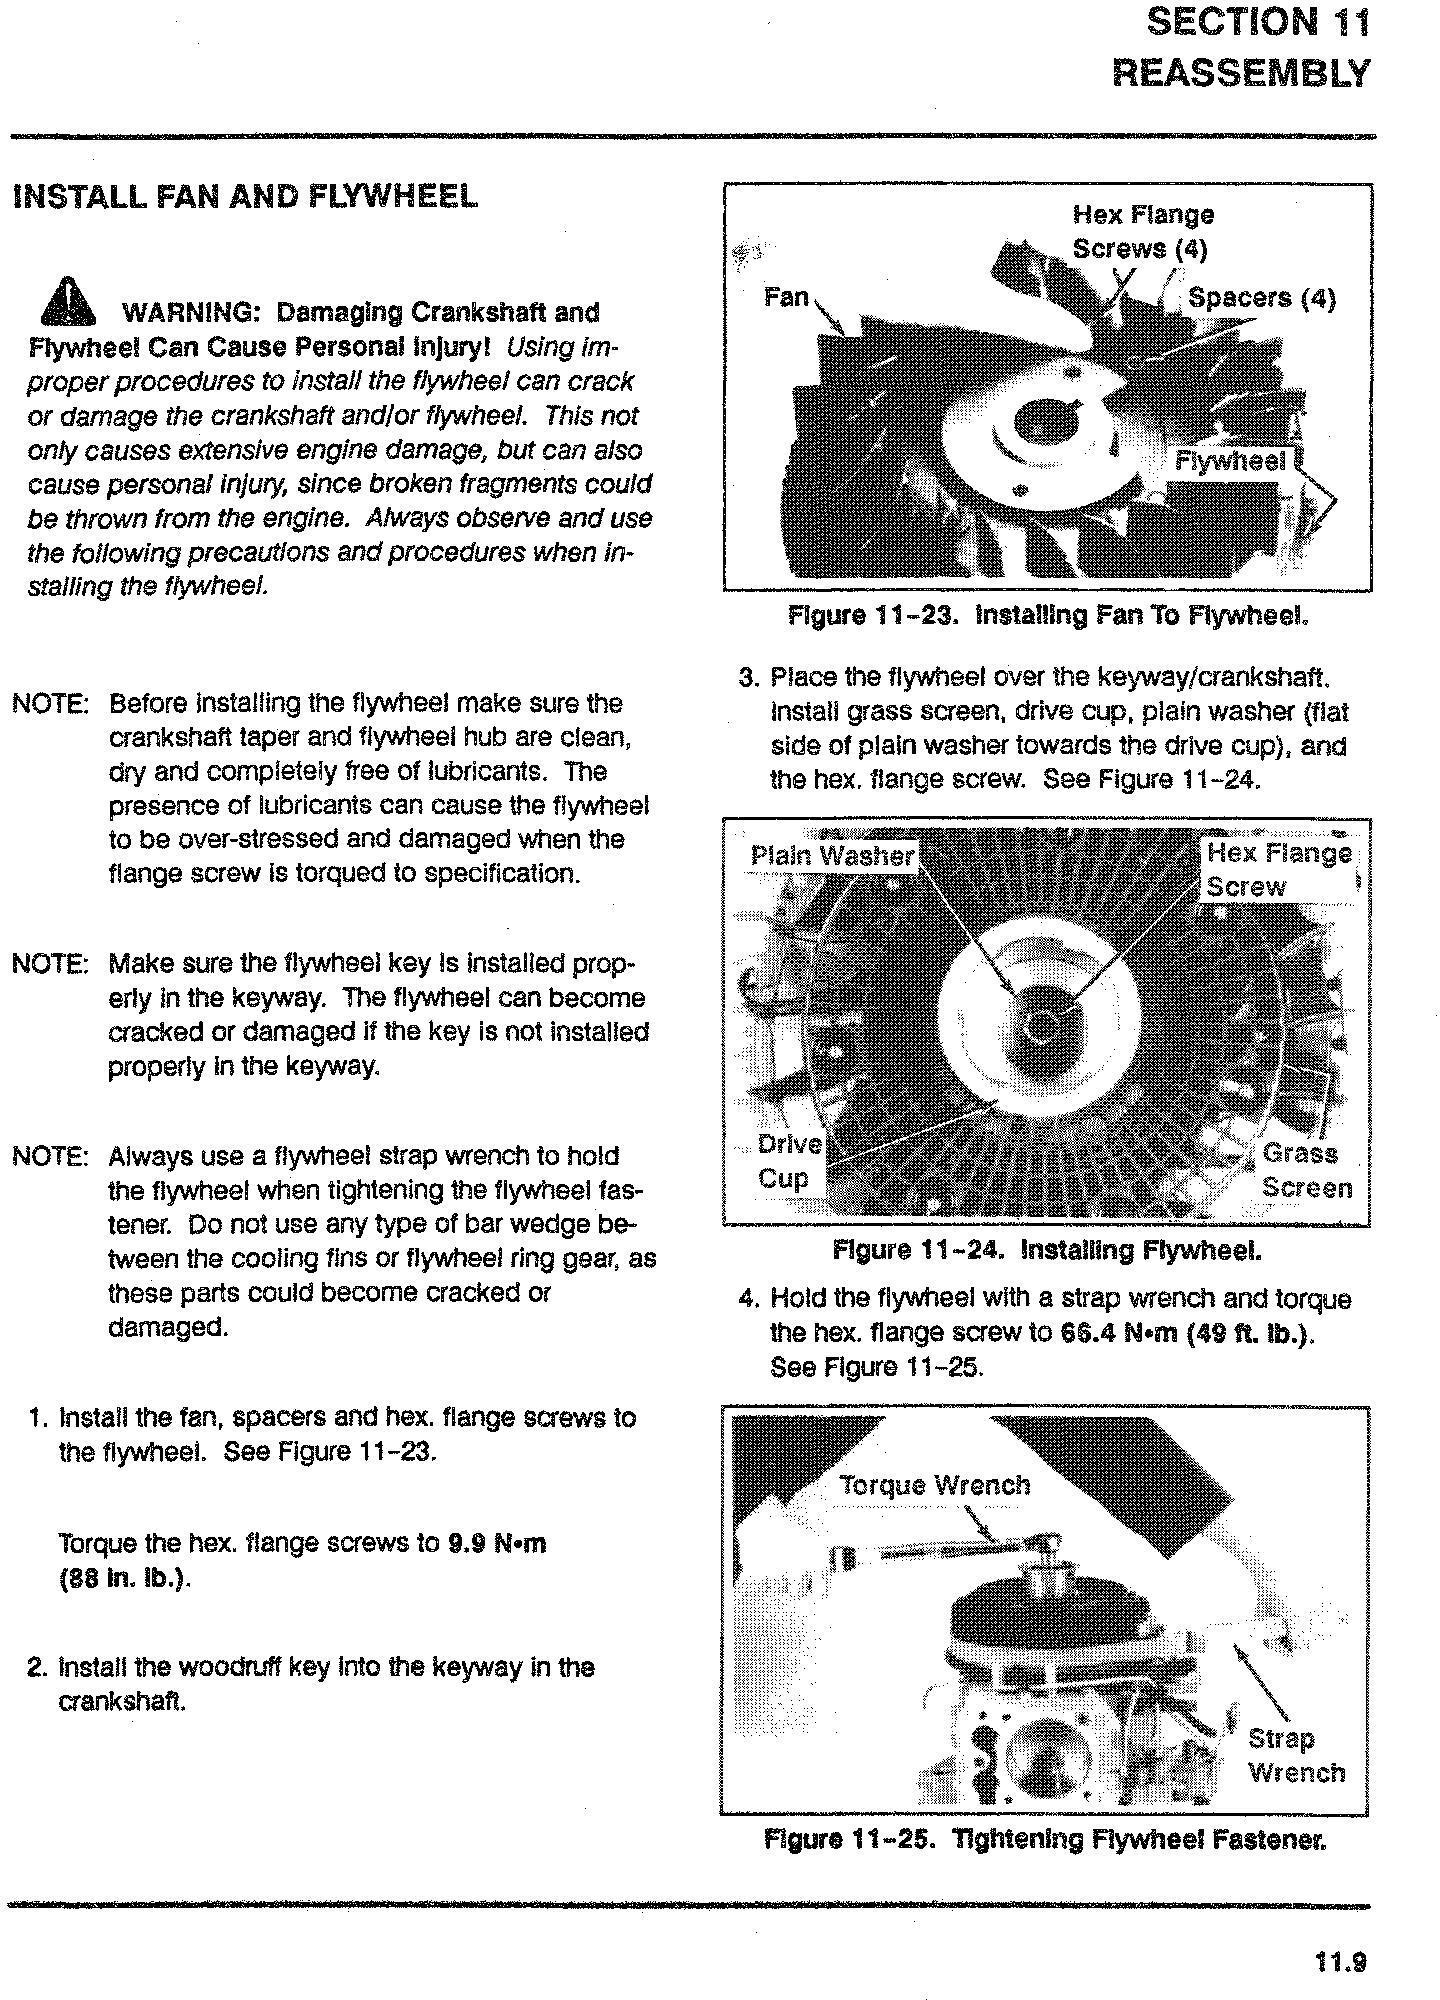 New Holland LS25, LS35, LS45, LS55 Yard Tractor Service Manual Service Manual - 2